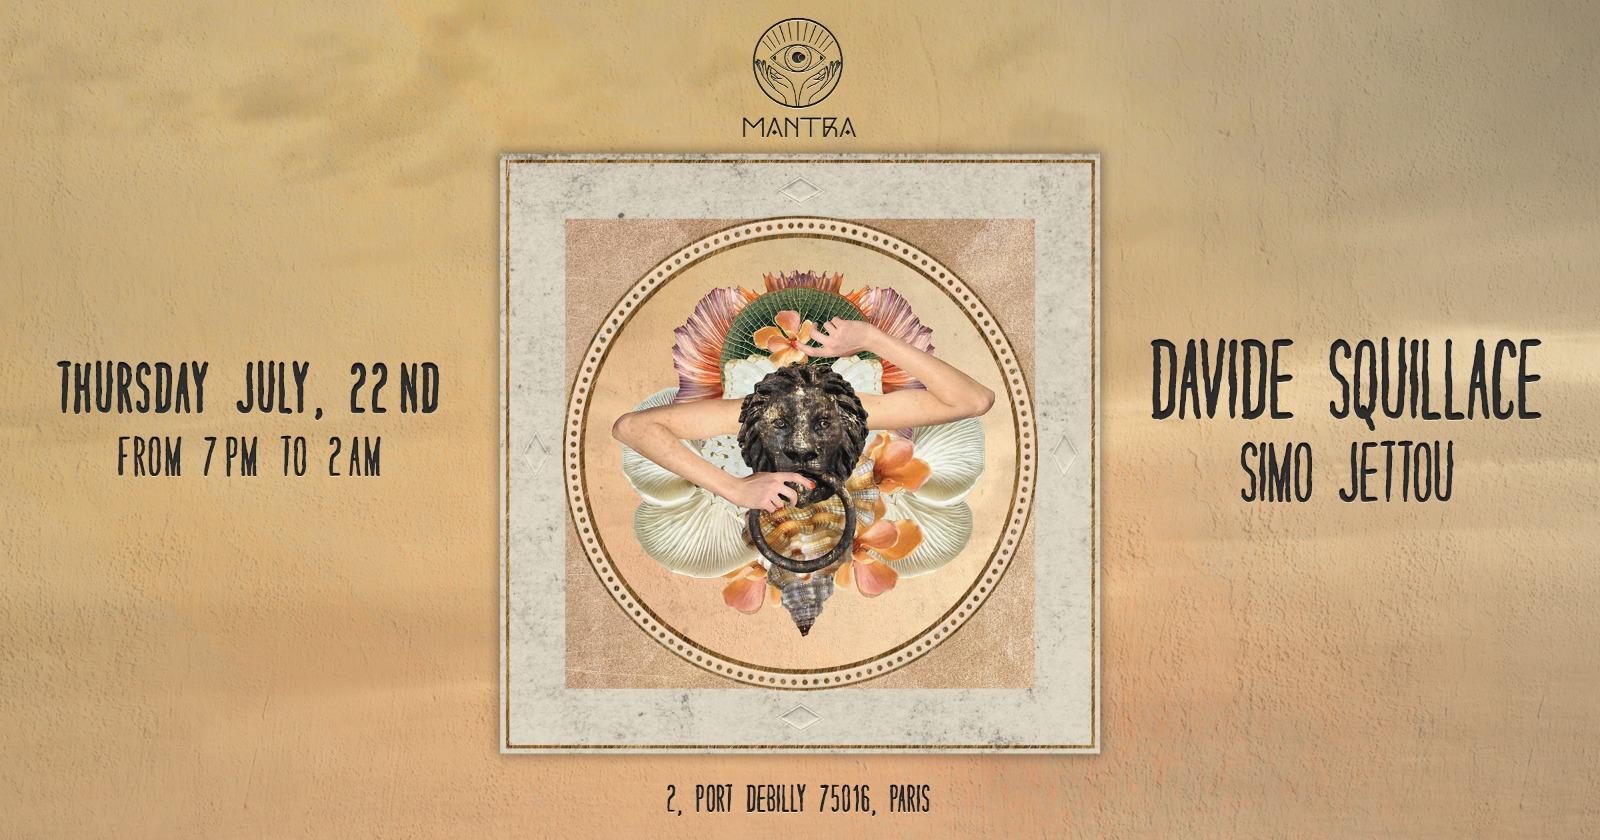 MANTRA PARIS presents DAVIDE SQUILLACE